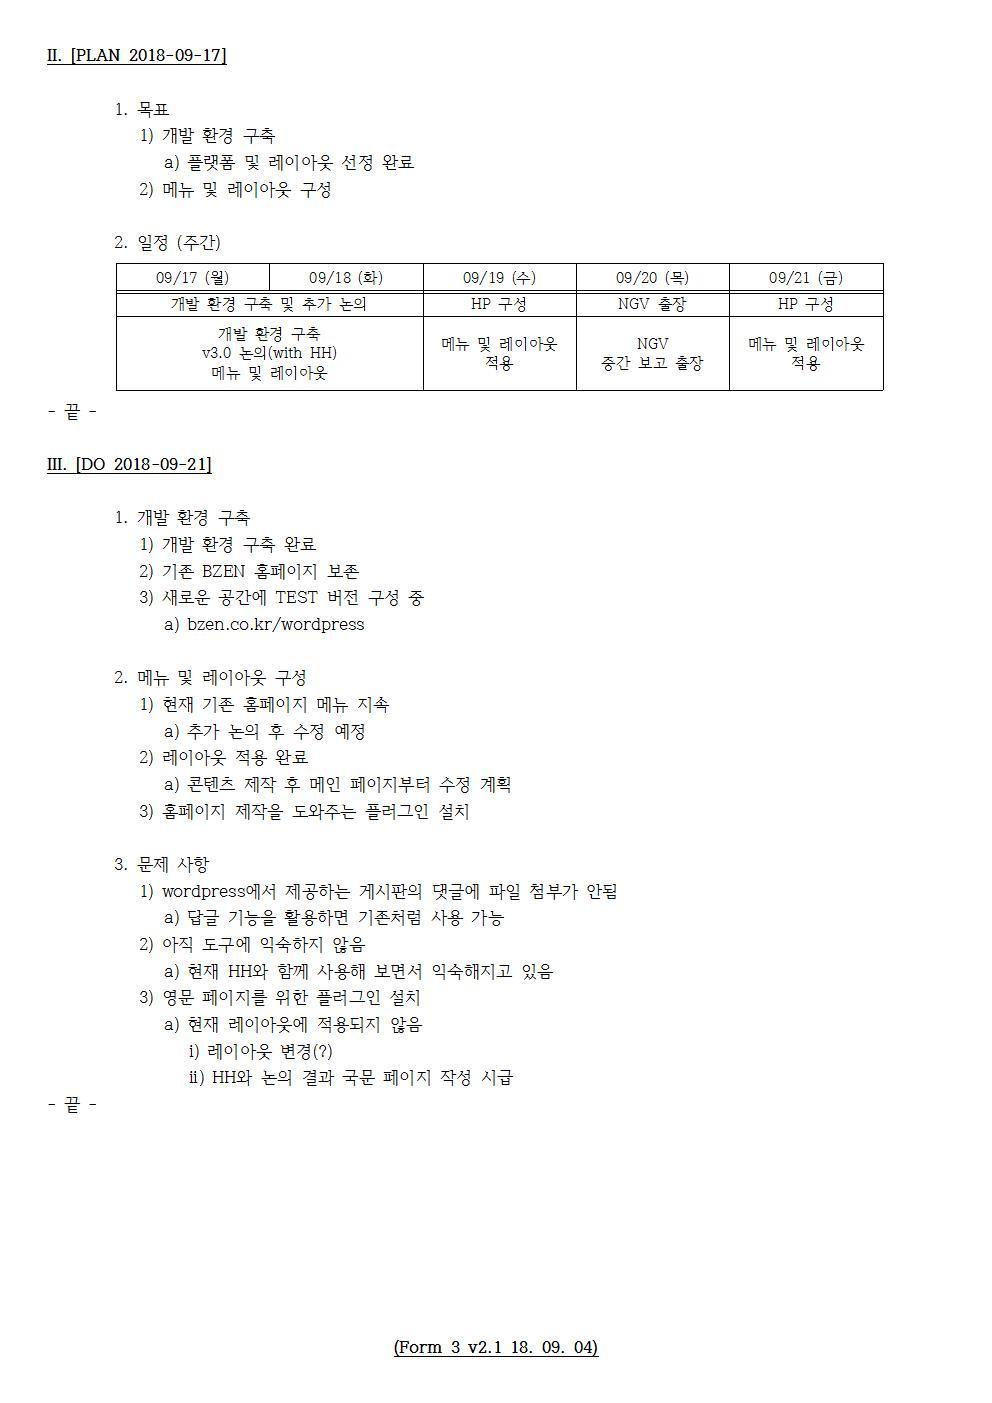 D-[18-047-BZ-07]-[BZEN HP v3.0]-[2018-09-22][JS]002.jpg